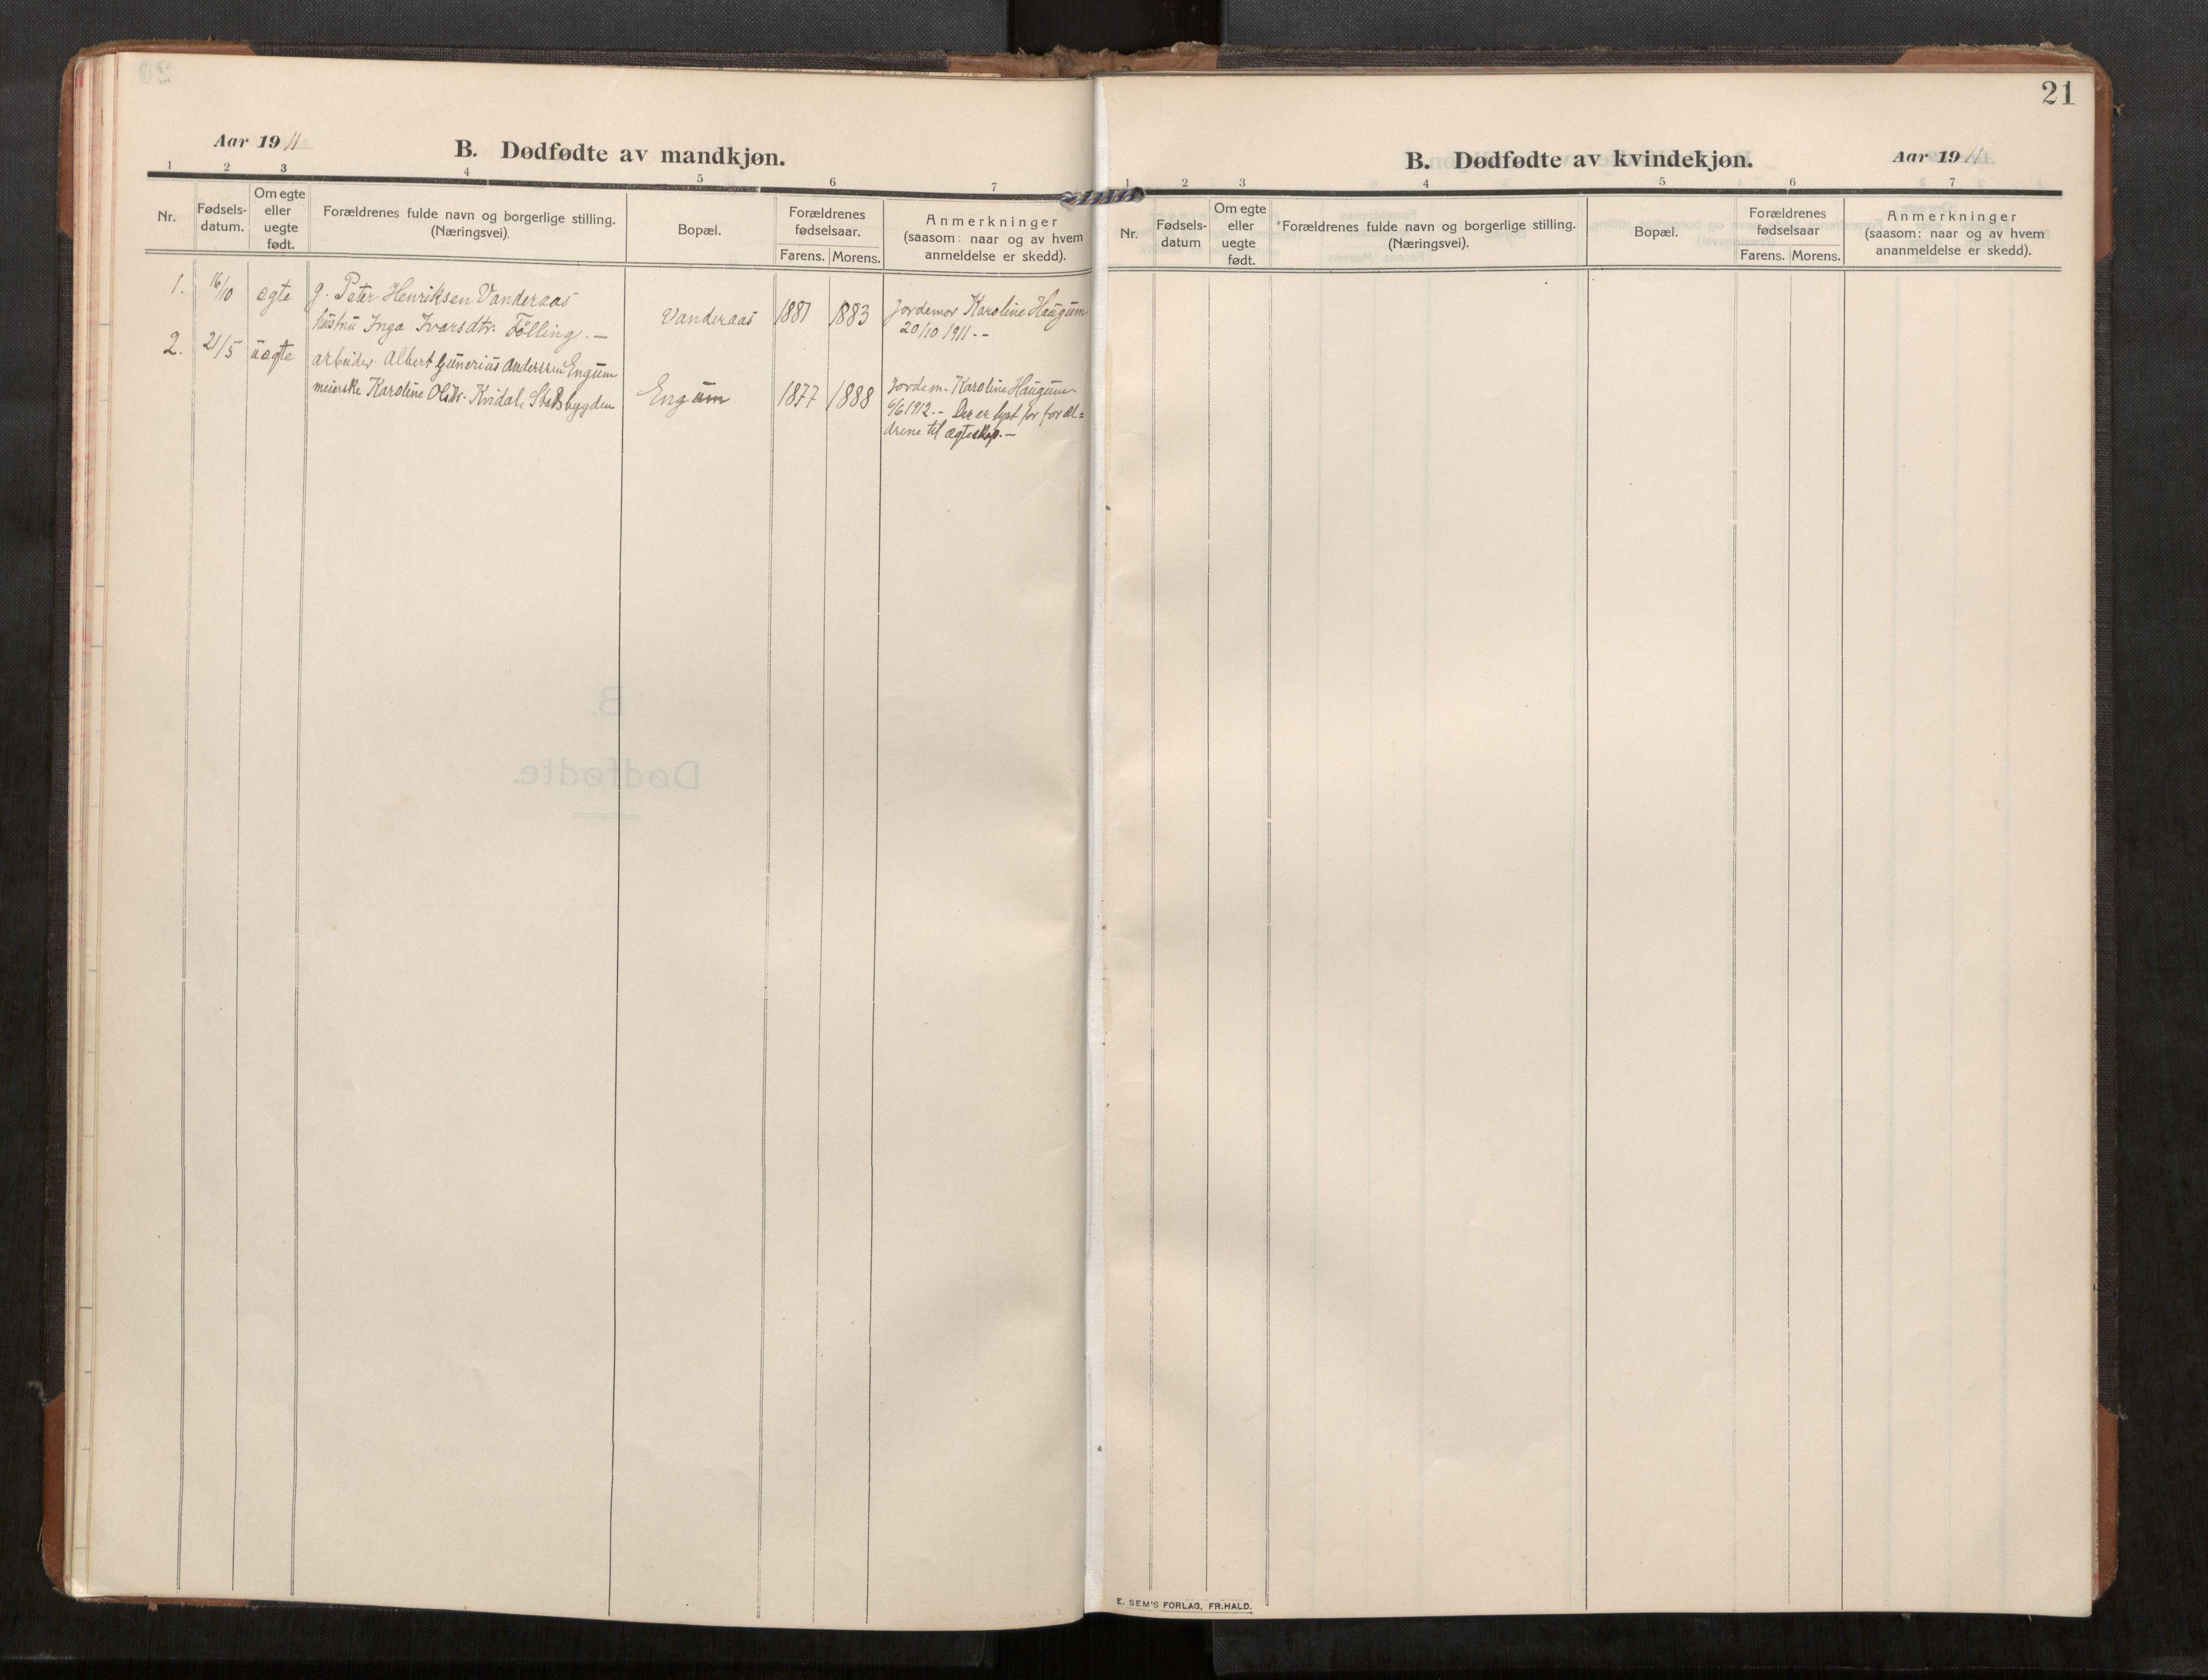 SAT, Stod sokneprestkontor, I/I1/I1a/L0003: Parish register (official) no. 3, 1909-1934, p. 22